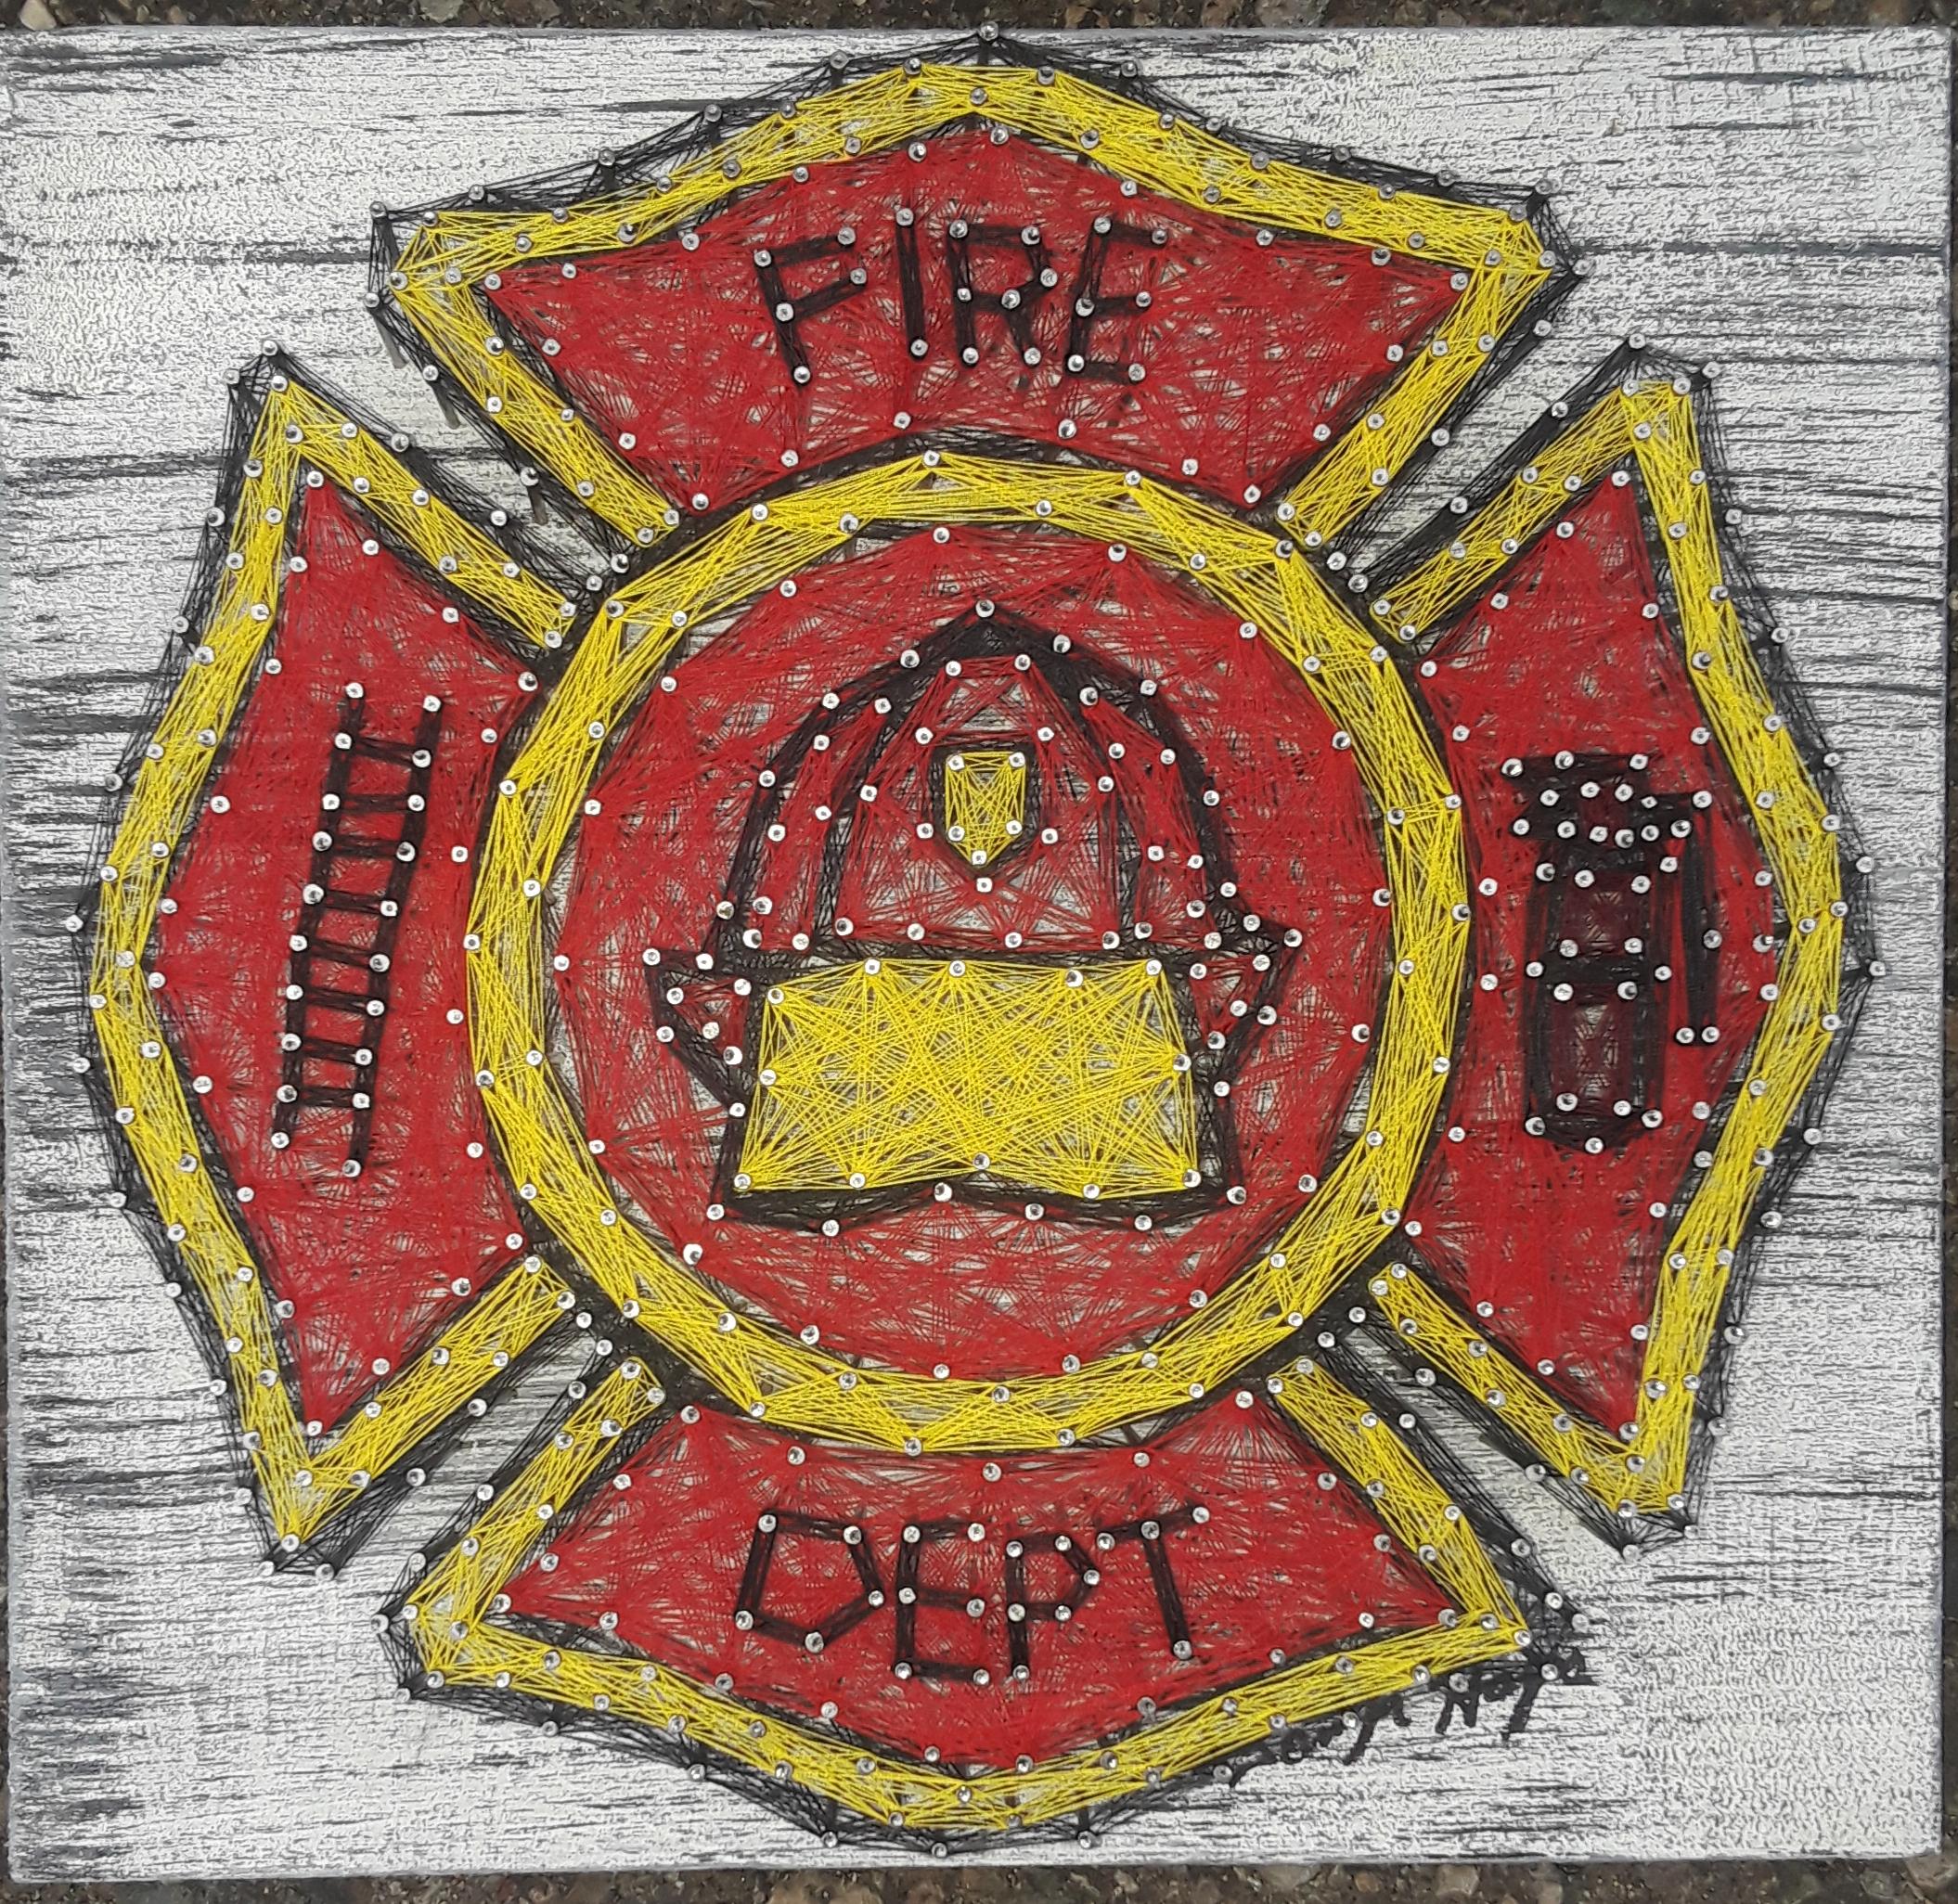 12x12 Firefighter